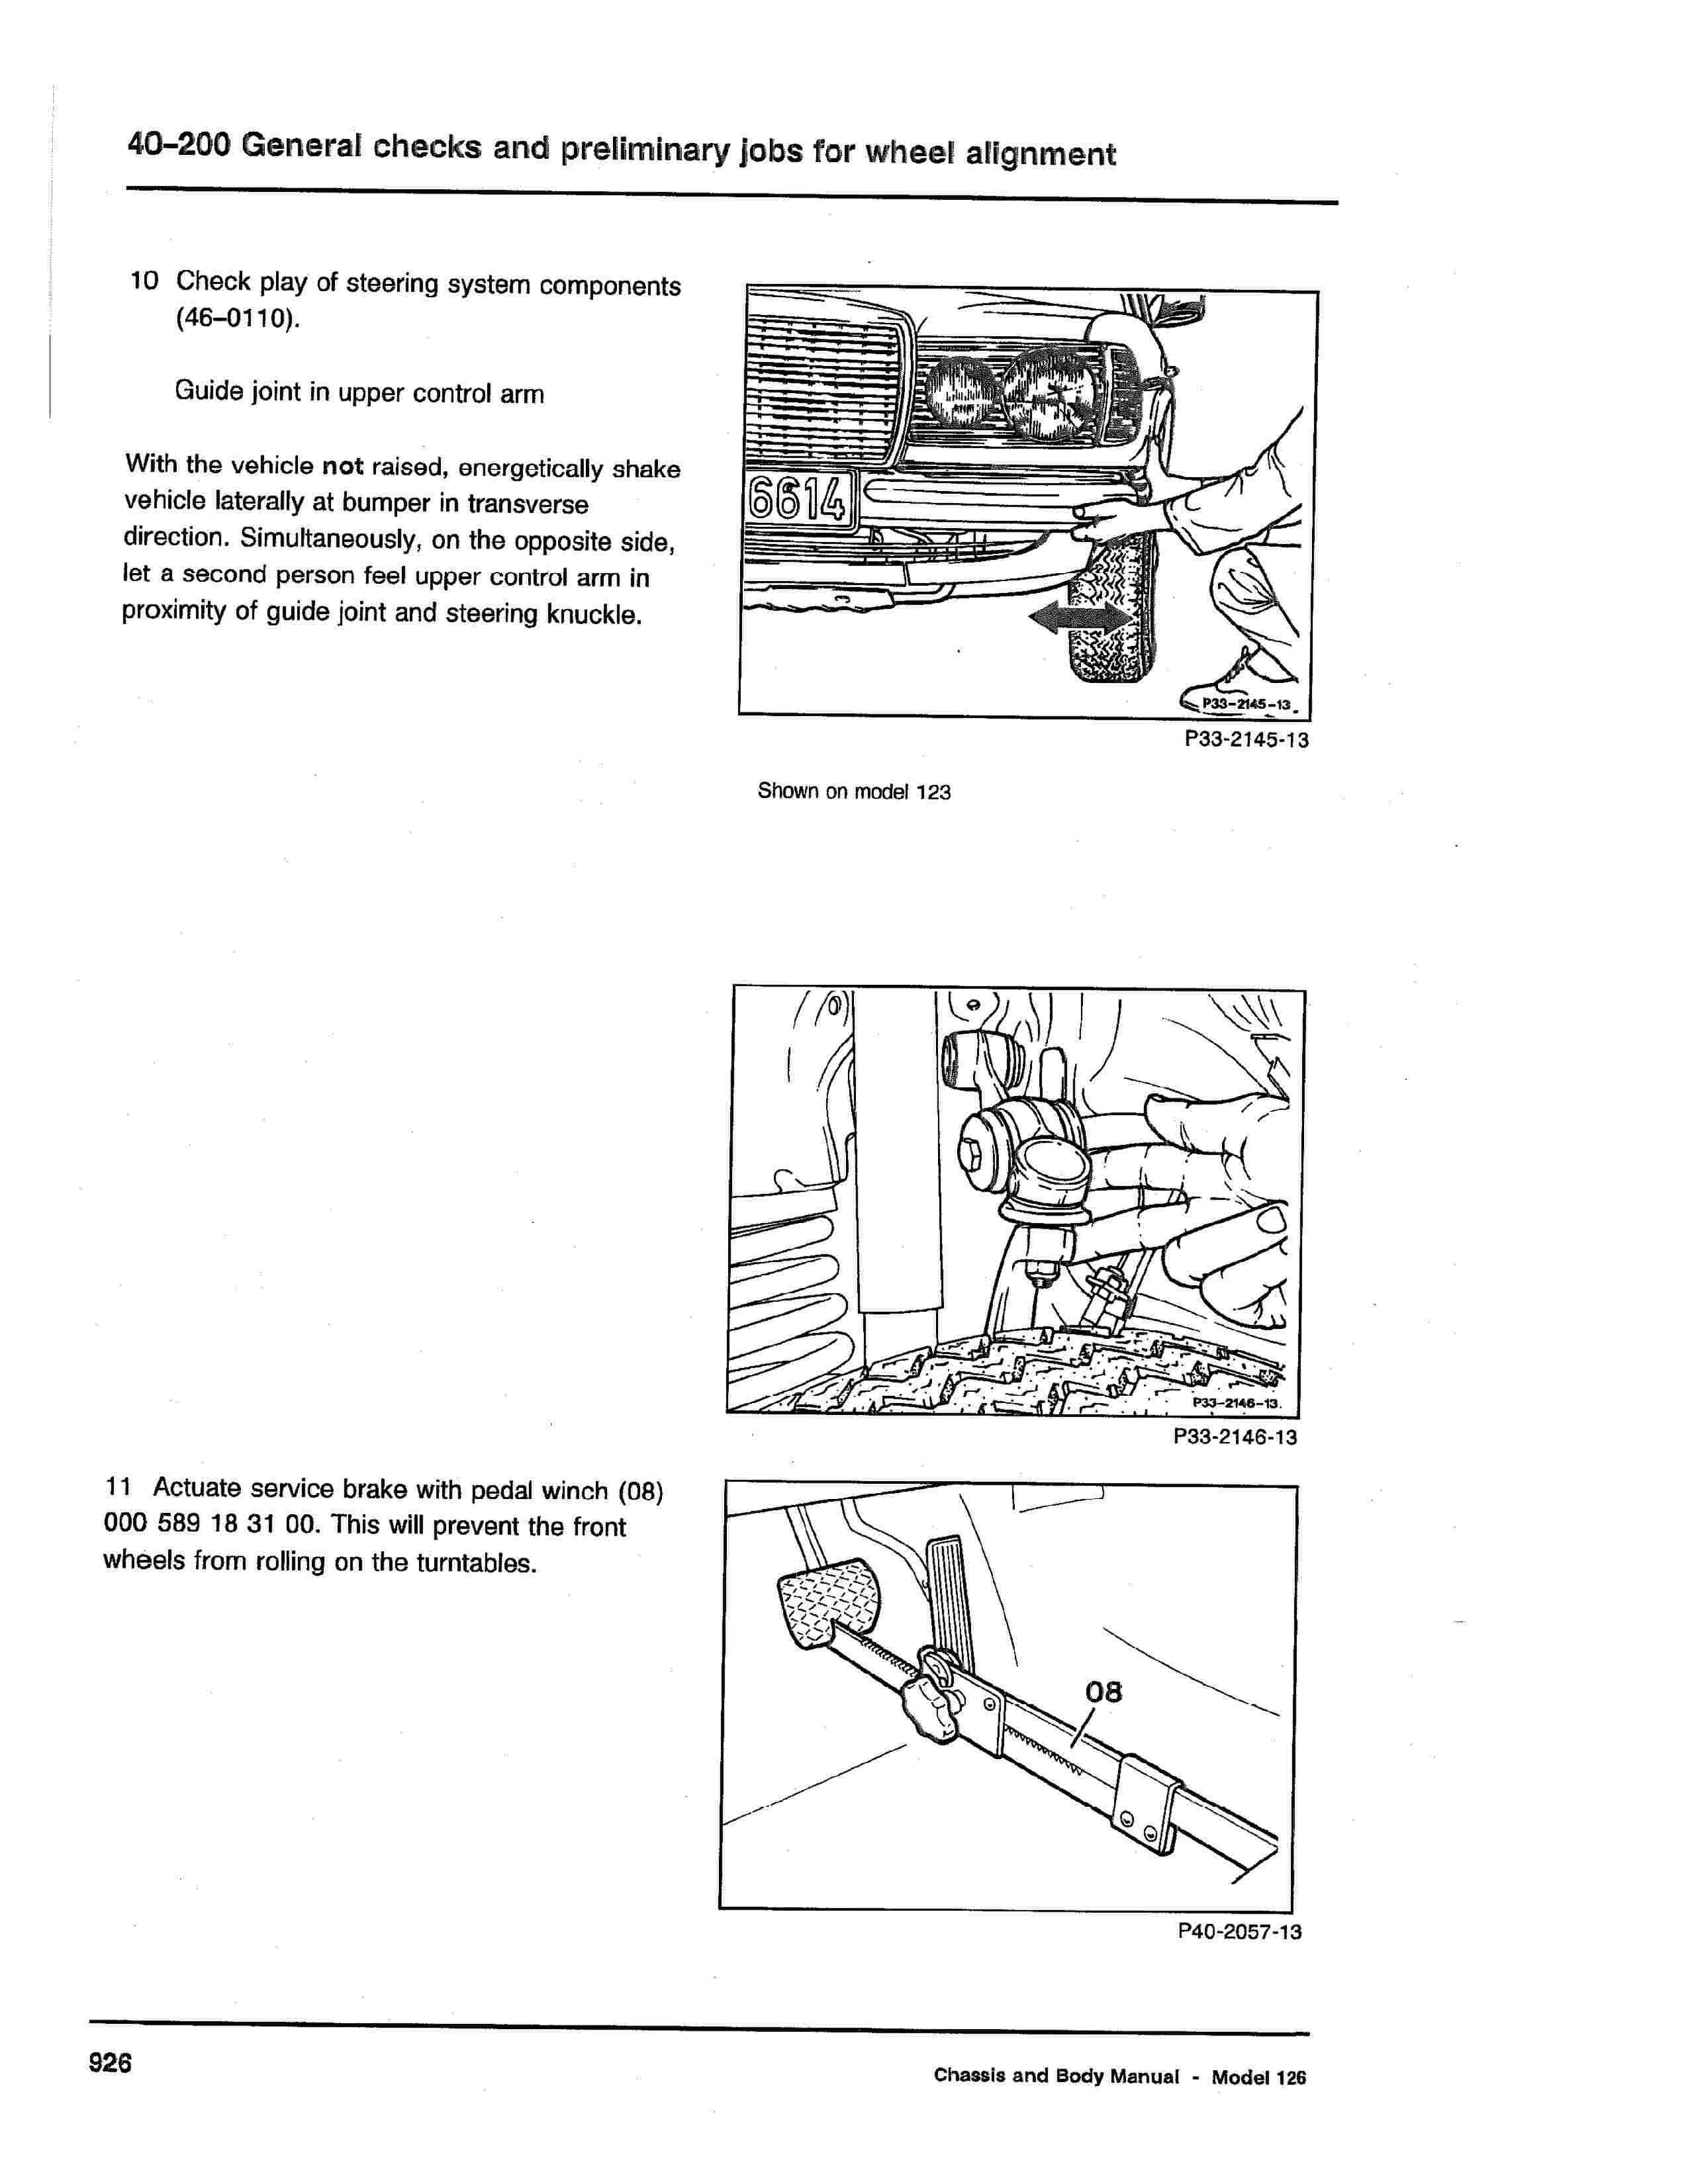 (W126): Procedimento de alinhamento da direção  0003_233